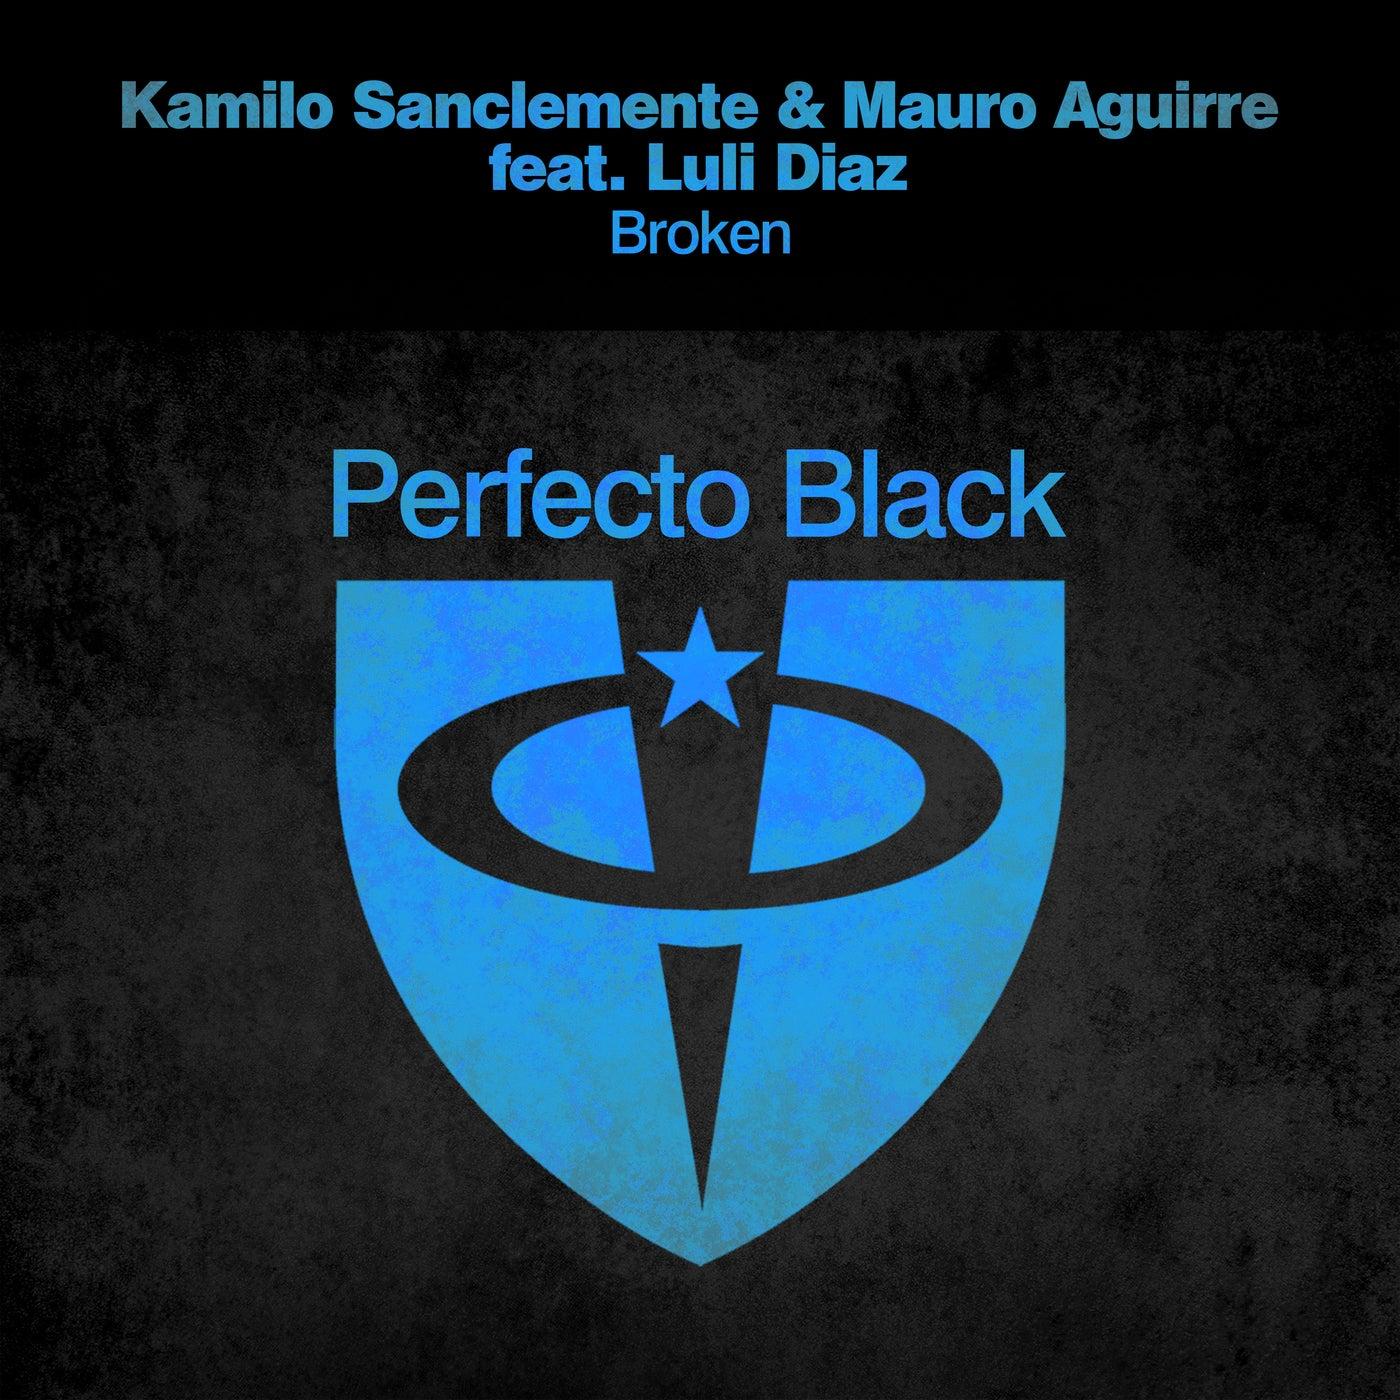 Broken feat. Luli Diaz (Extended Mix)